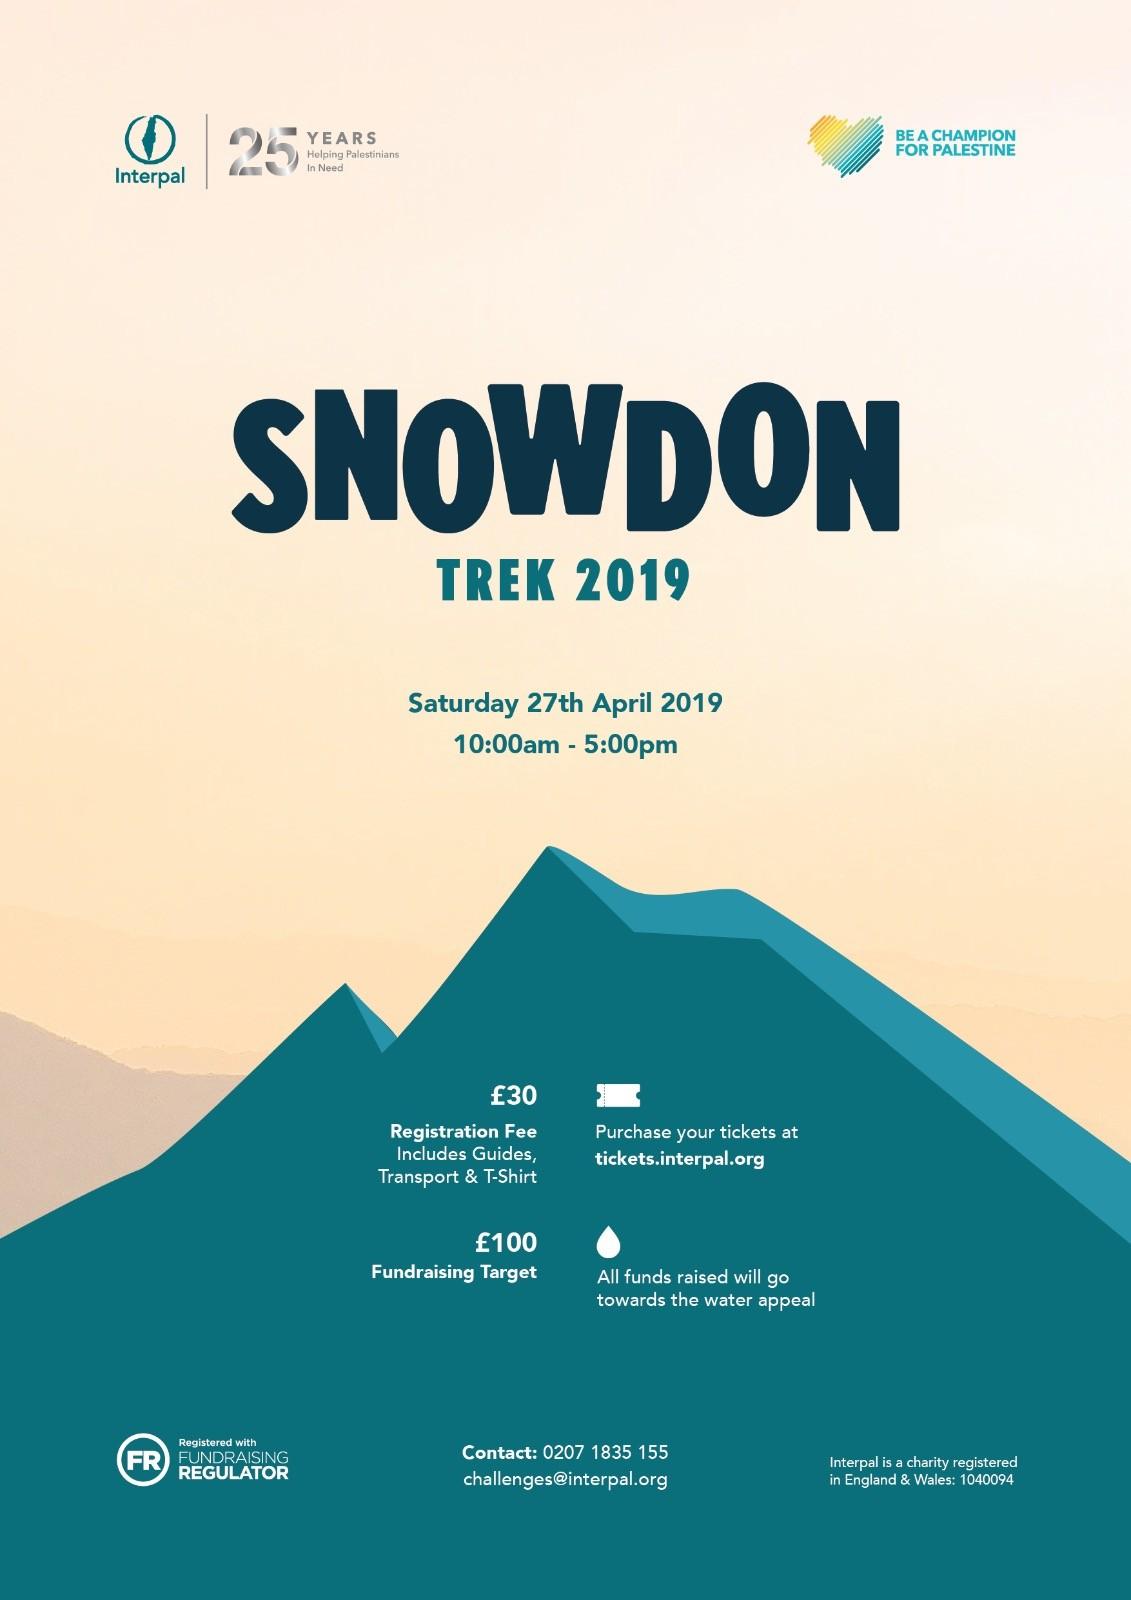 Snowdon Trek 2019